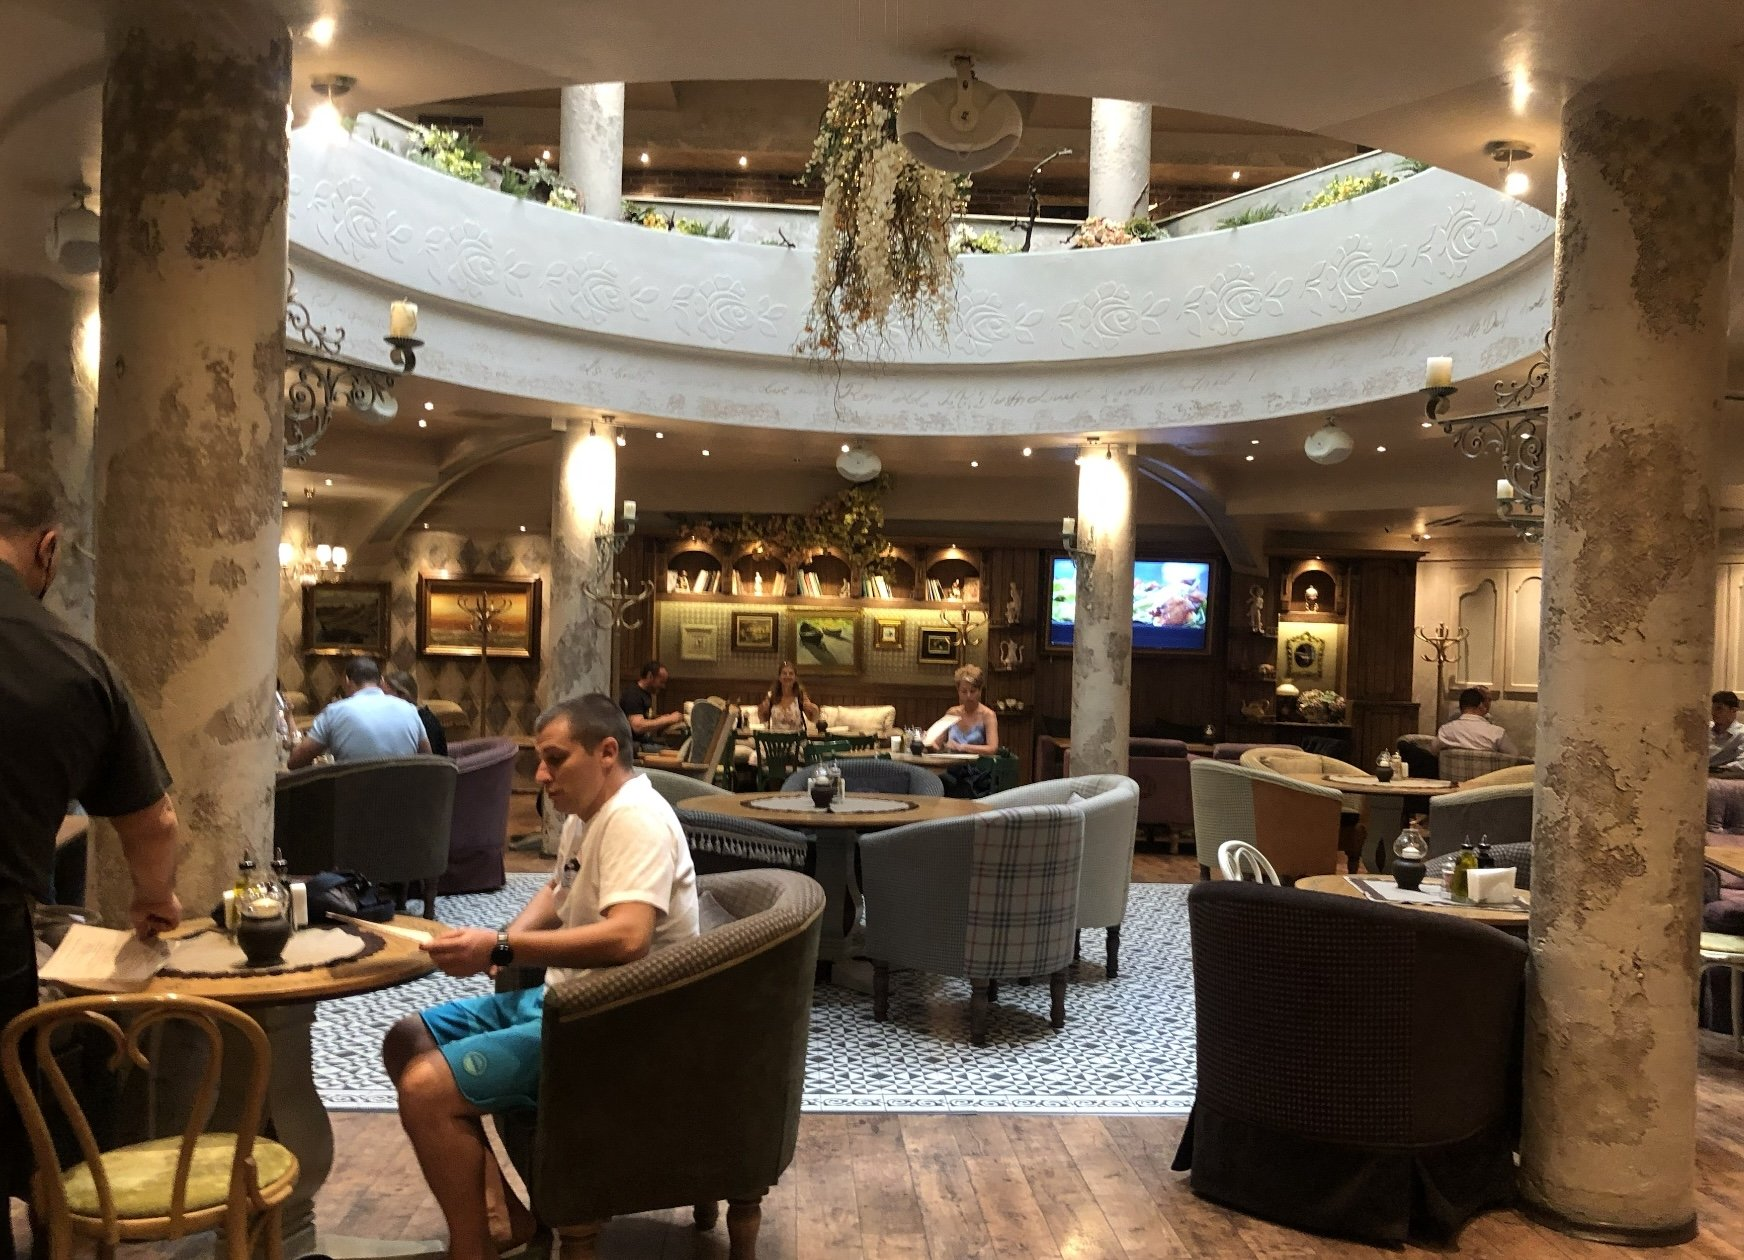 The interior of the Shtastliveca Restaurant, Sofia, Bulgaria.